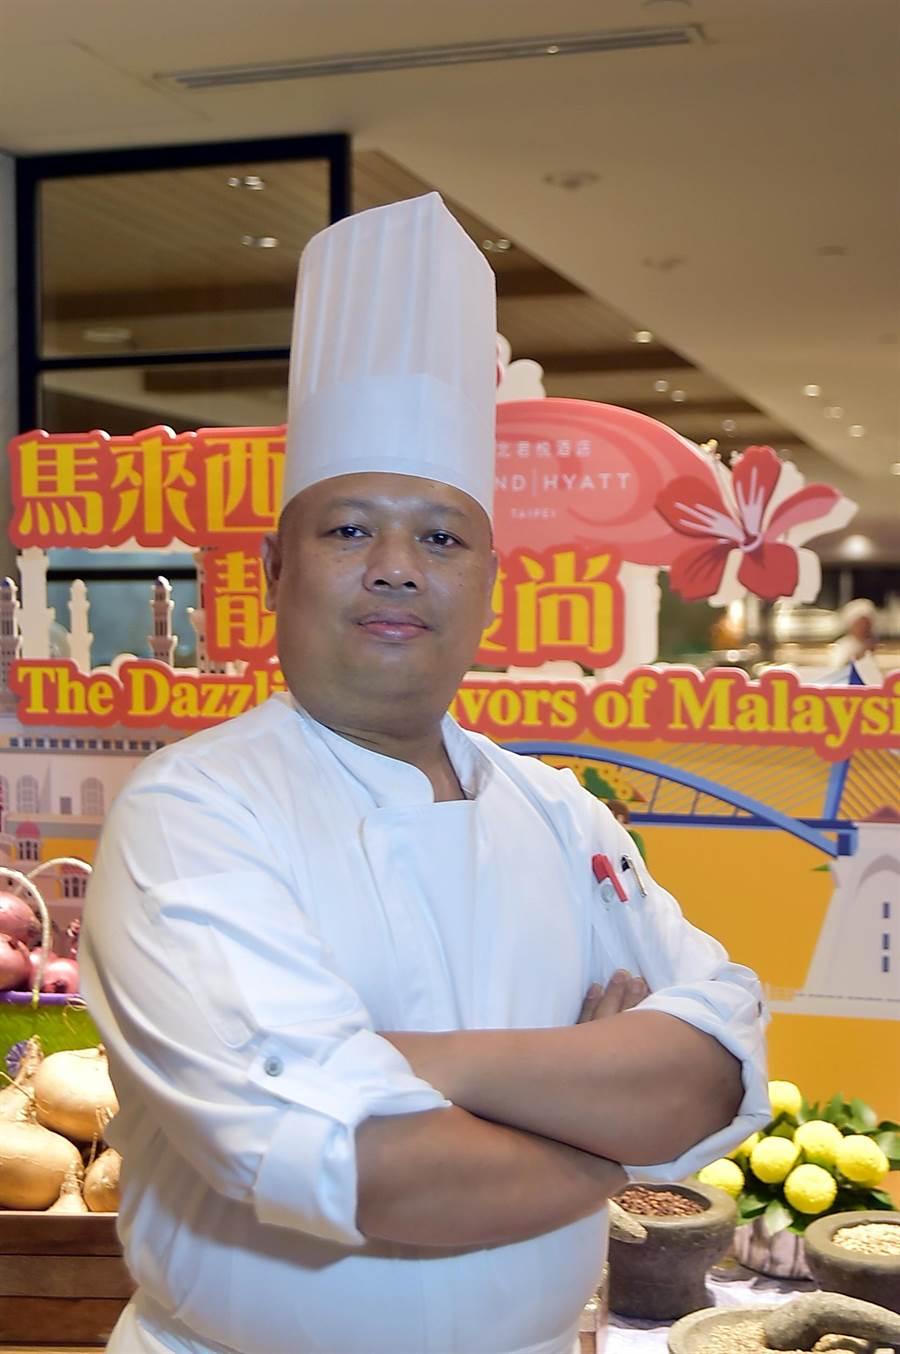 吉隆坡君悦酒店馆内着名马来西亚料理餐厅〈JP teres〉副主厨Mohamad Nazib Bin Omar带队客座台北君悦〈凯菲屋〉,共 准备了近40道马国特色风味美肴让客人吃到饱。(图/姚舜)